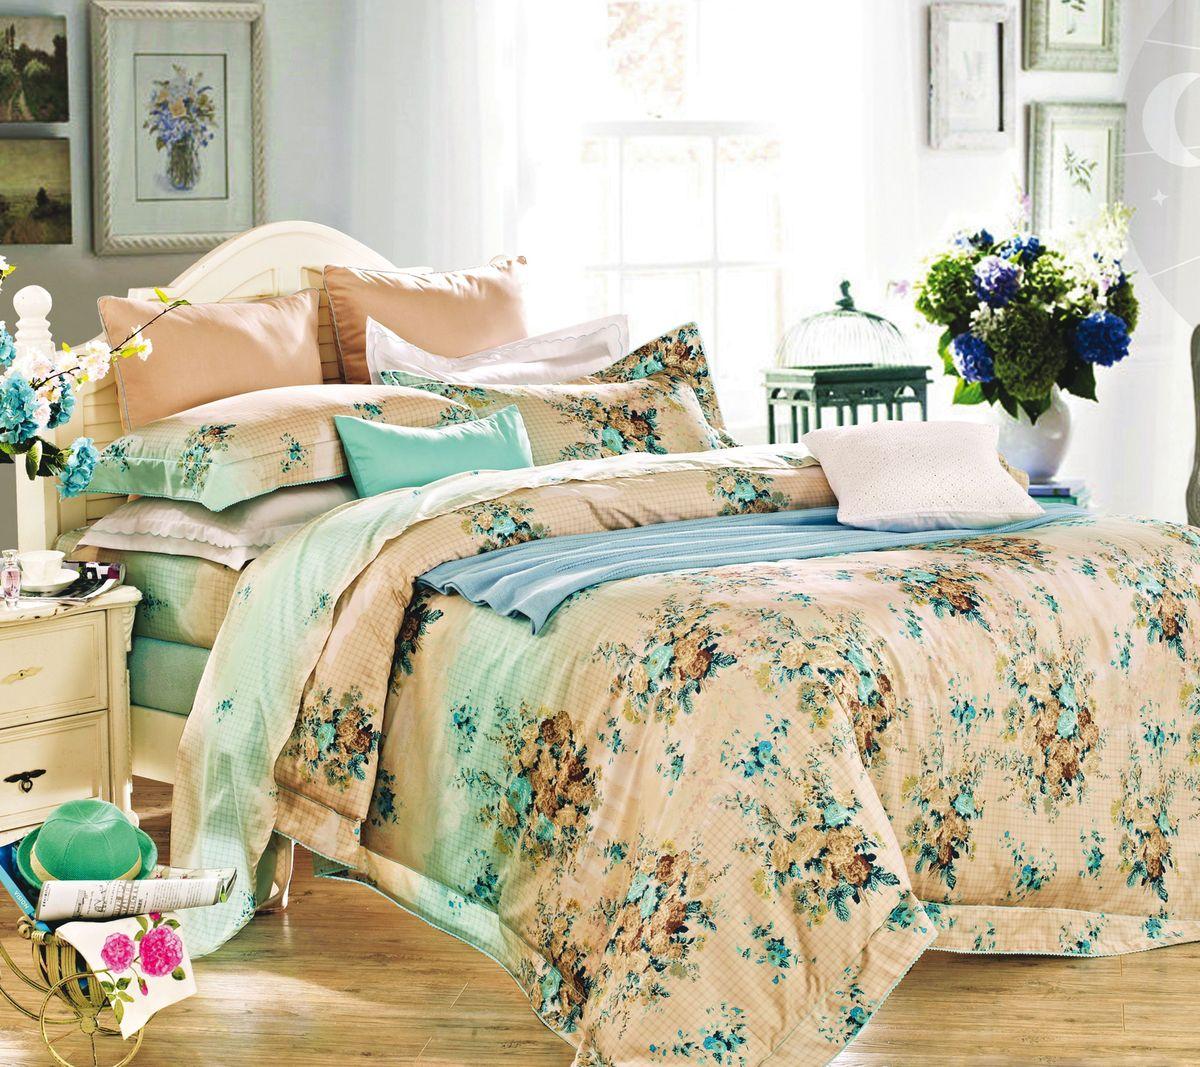 Комплект белья Коллекция Жаклин, 2-спальный, наволочки 50x70. СЛ2/50/ОЗ/жак комплект постельного белья хлопковый край жаклин 2 спальный наволочки 50x70 цвет брусничный